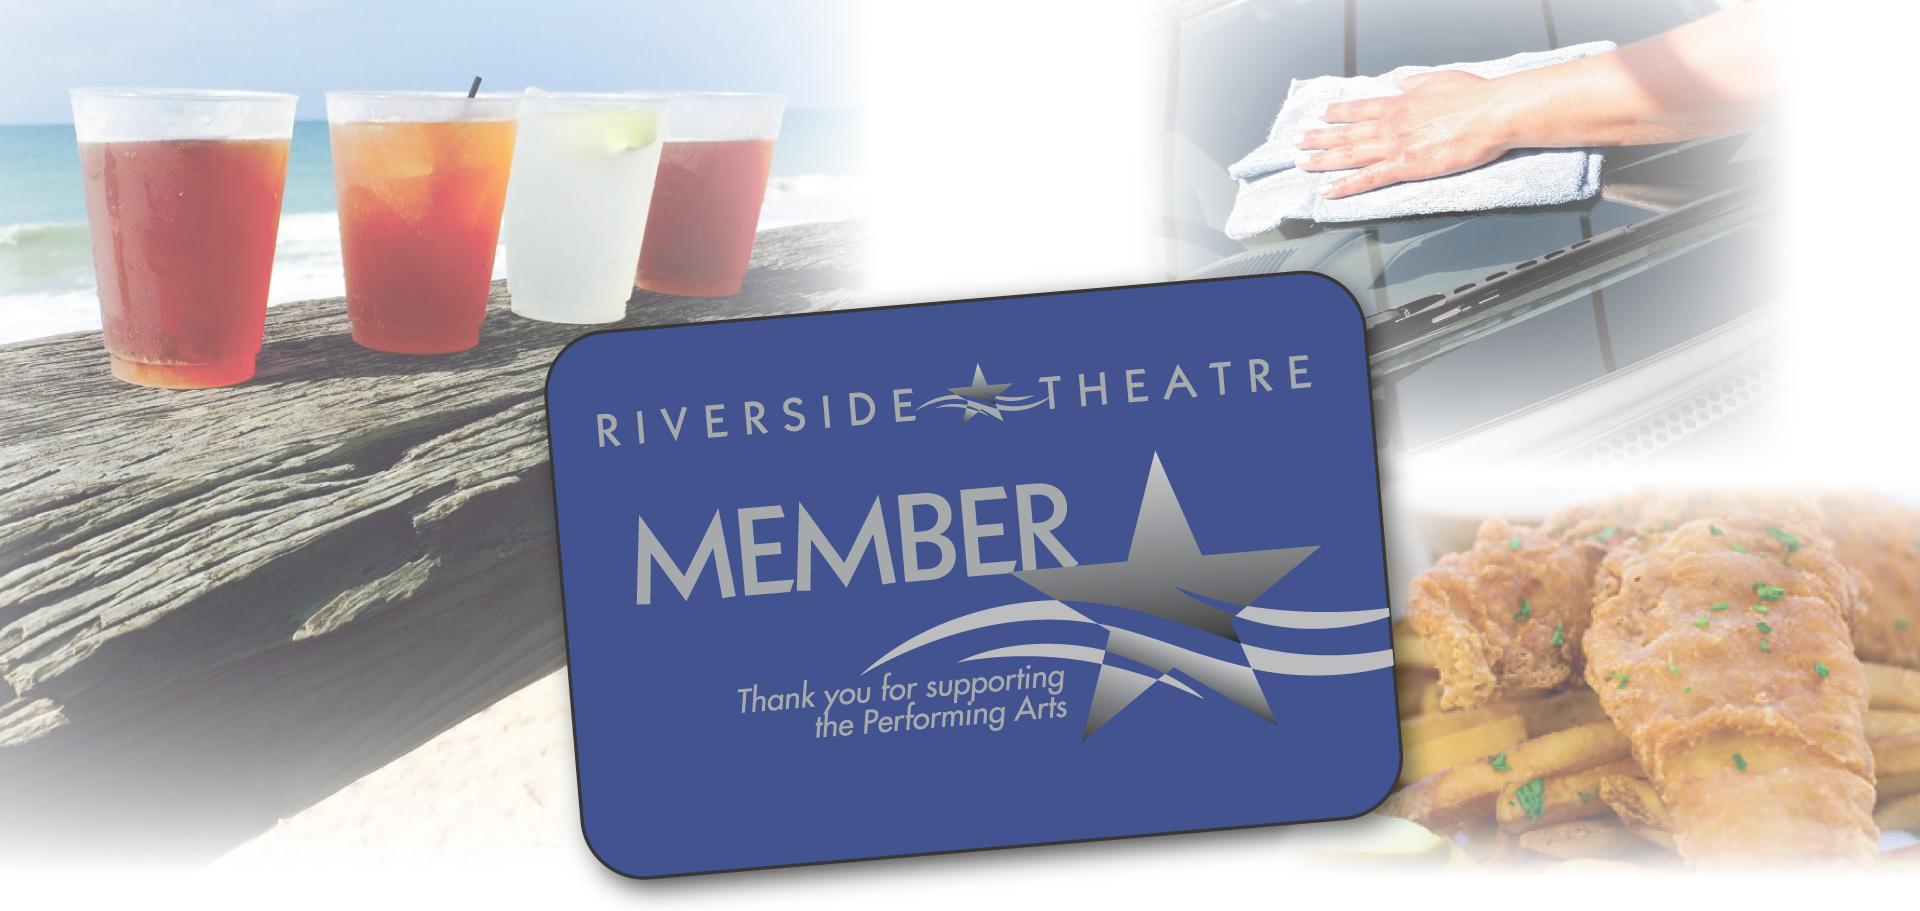 member-card-1920x1080.jpg